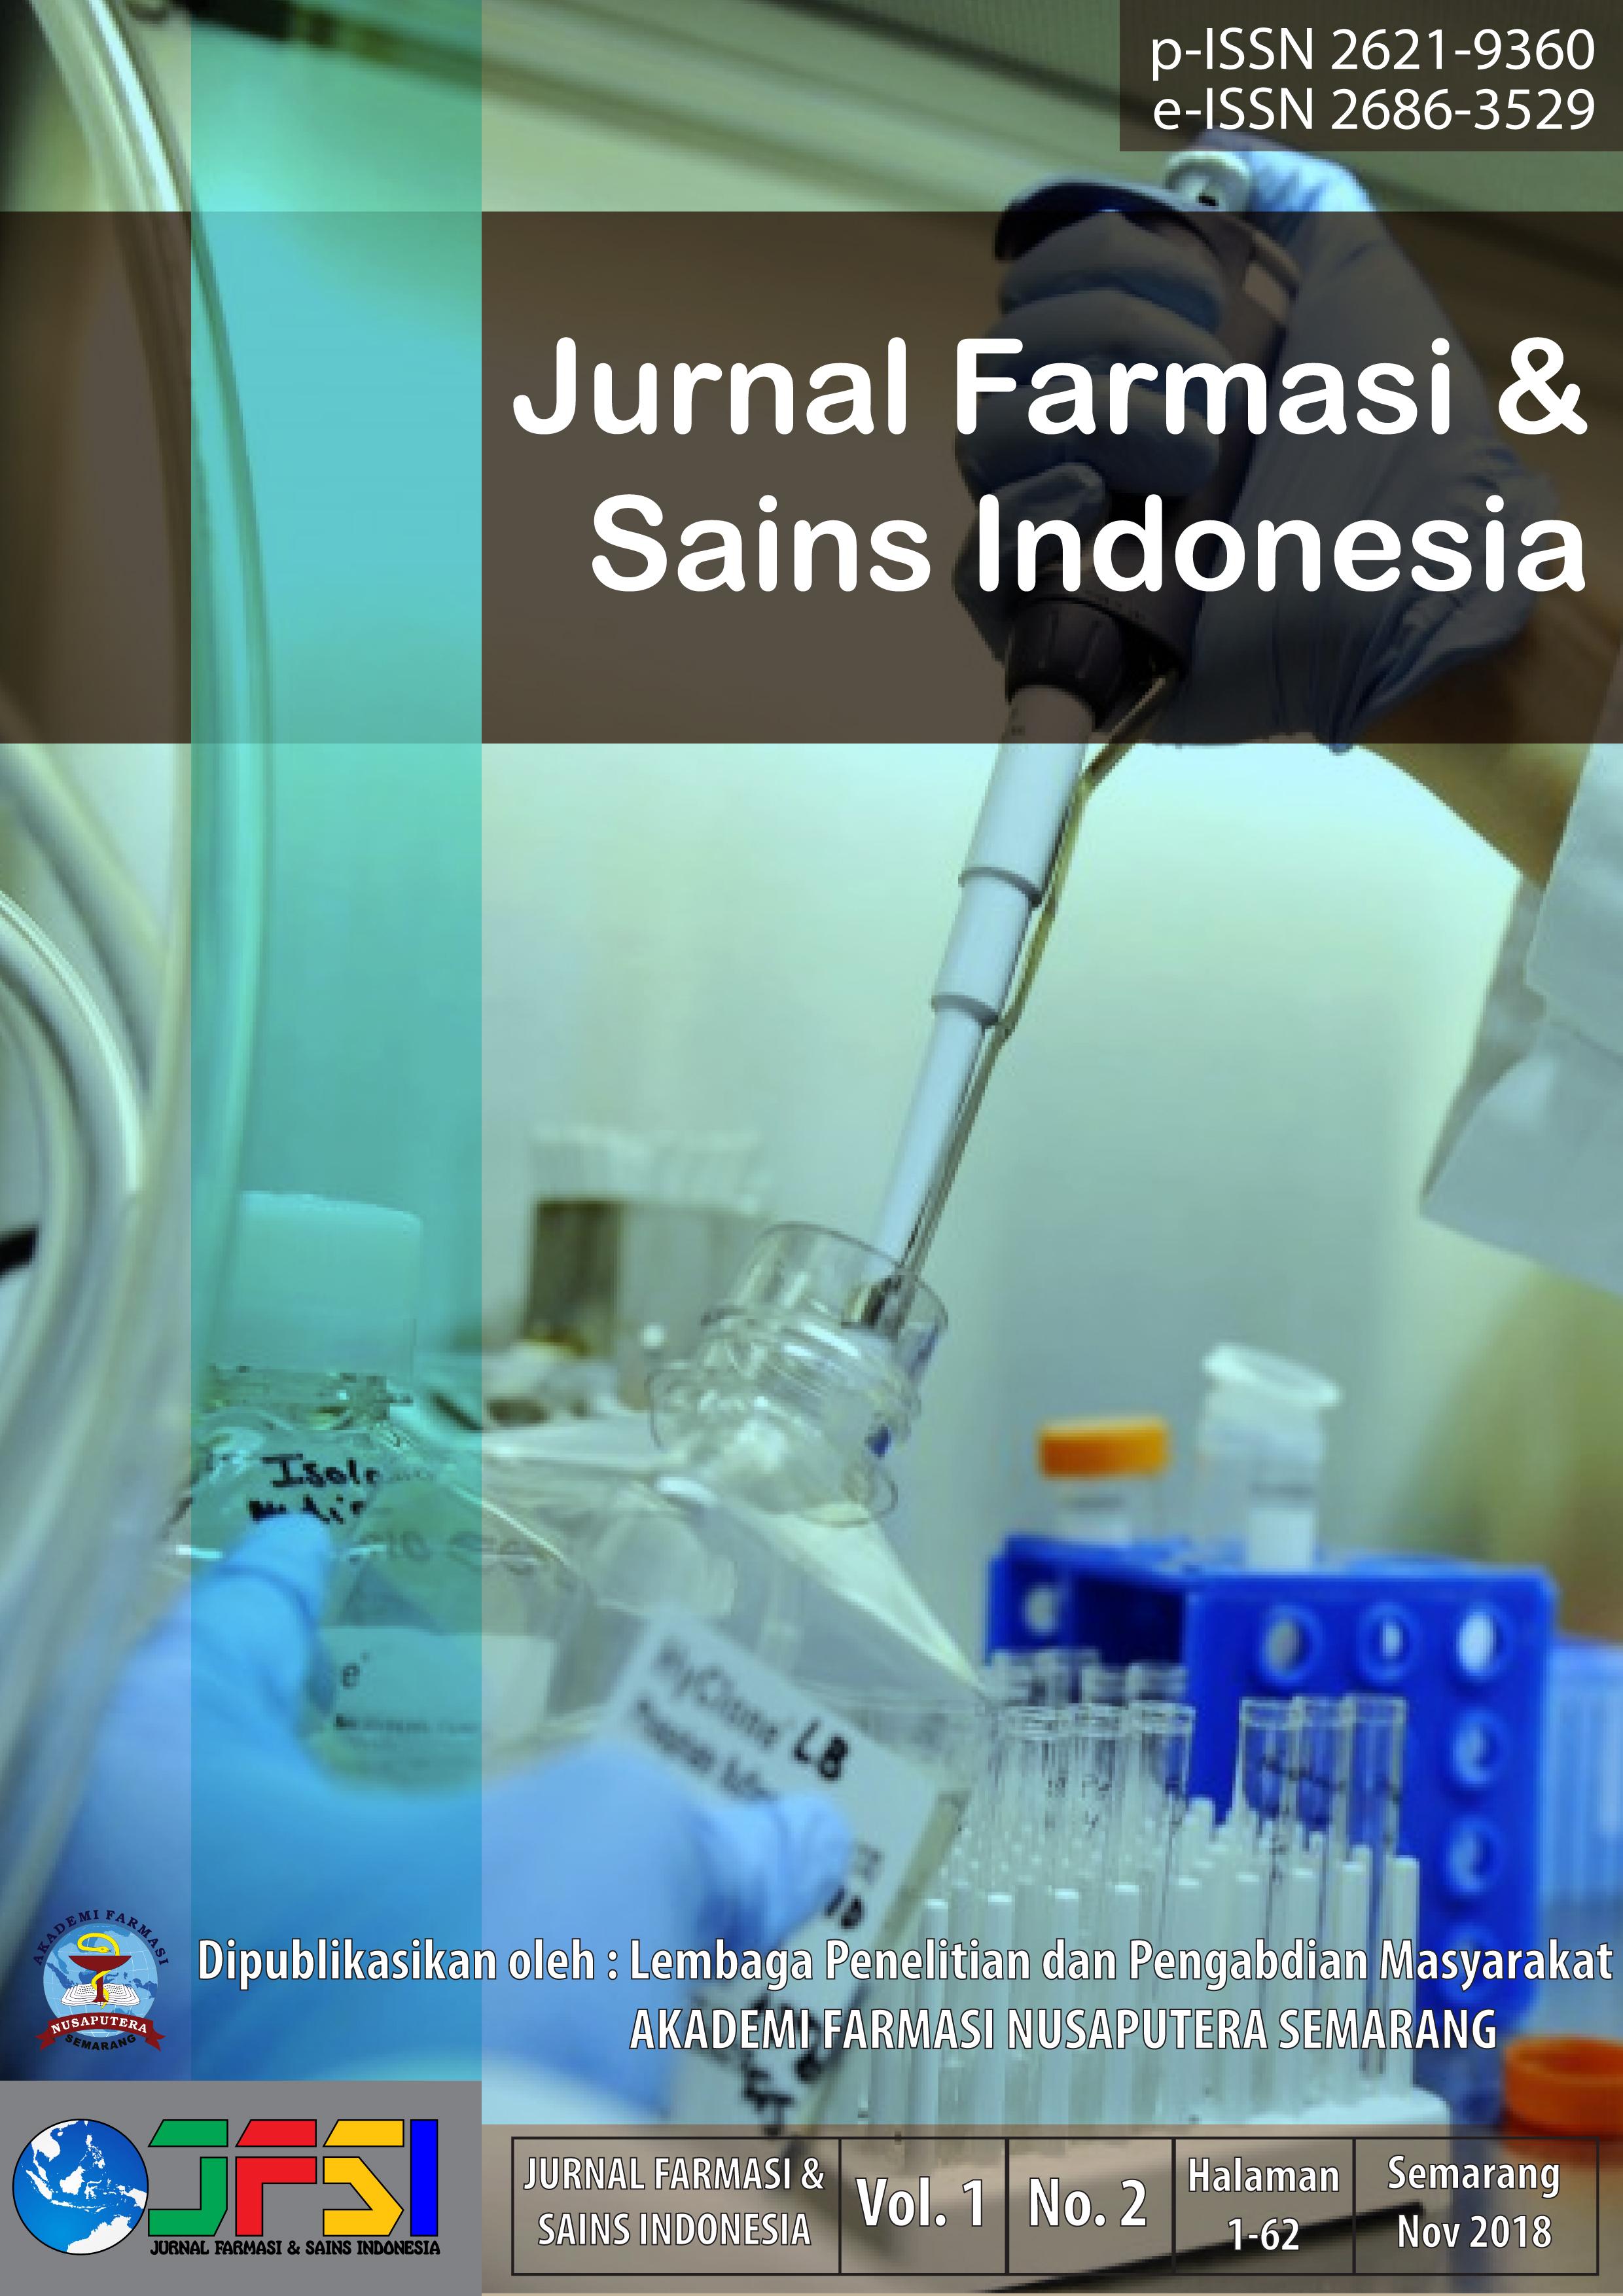 JFSI Vol. 1 No. 2